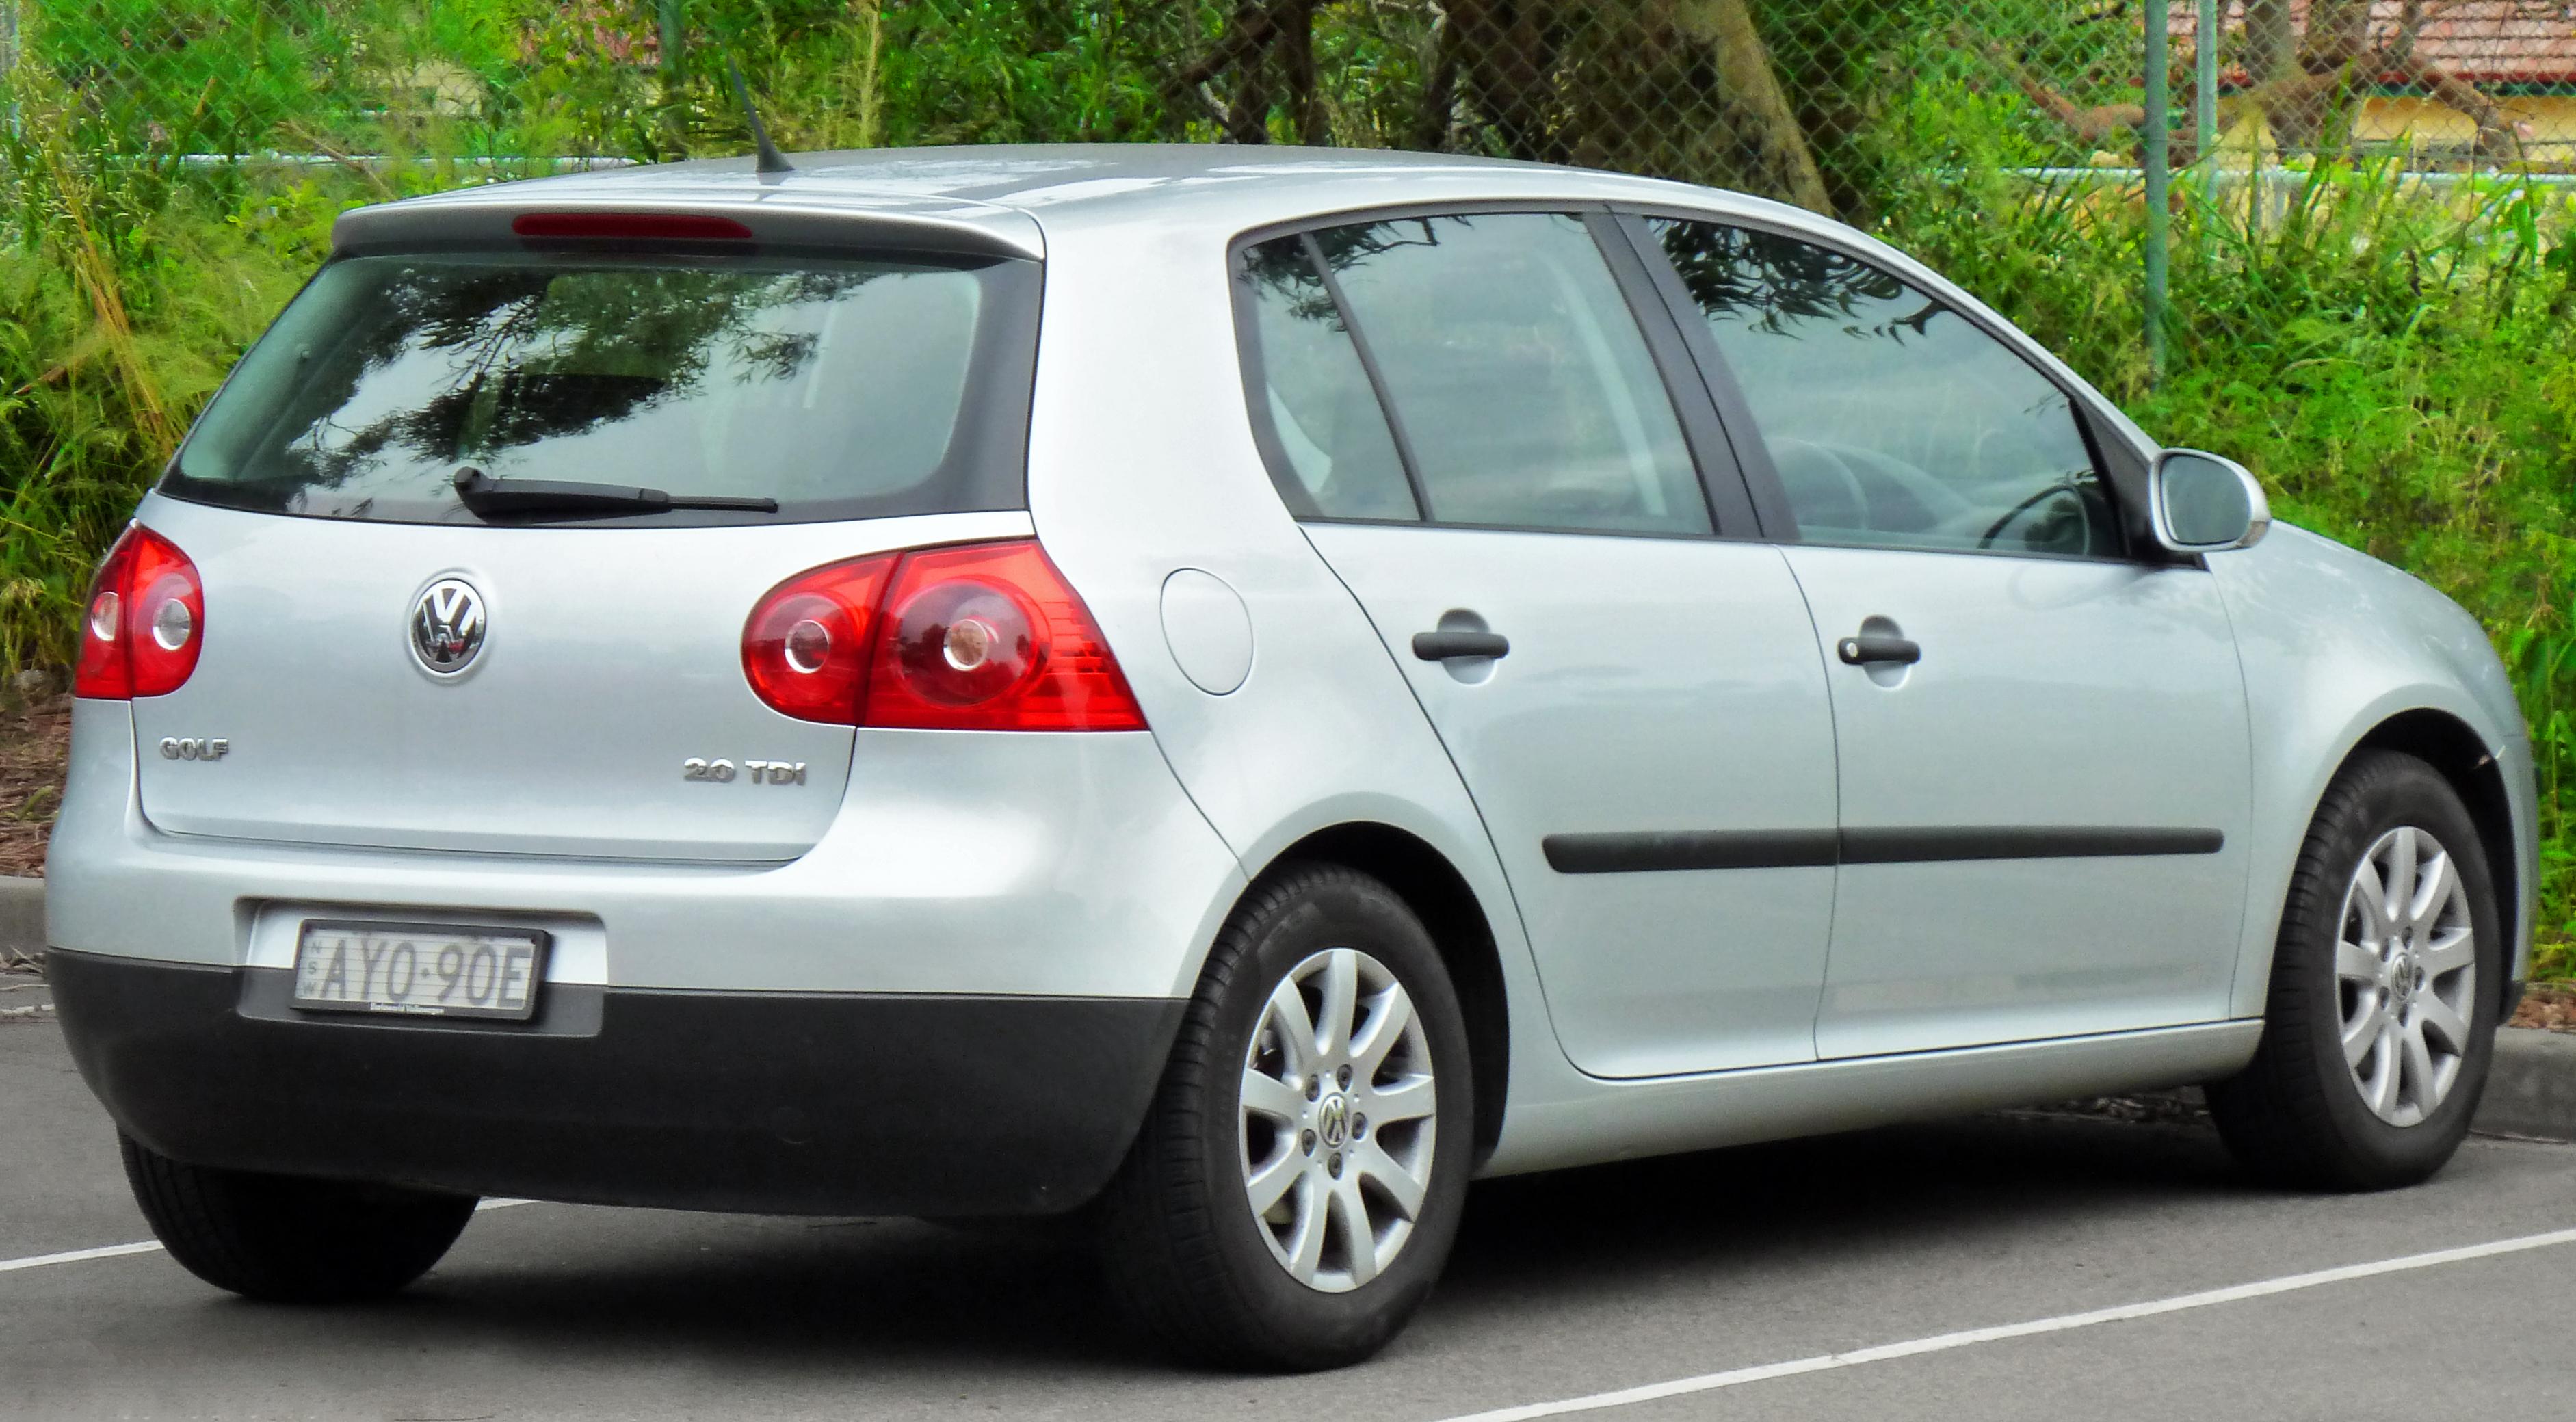 German Car Price Increase